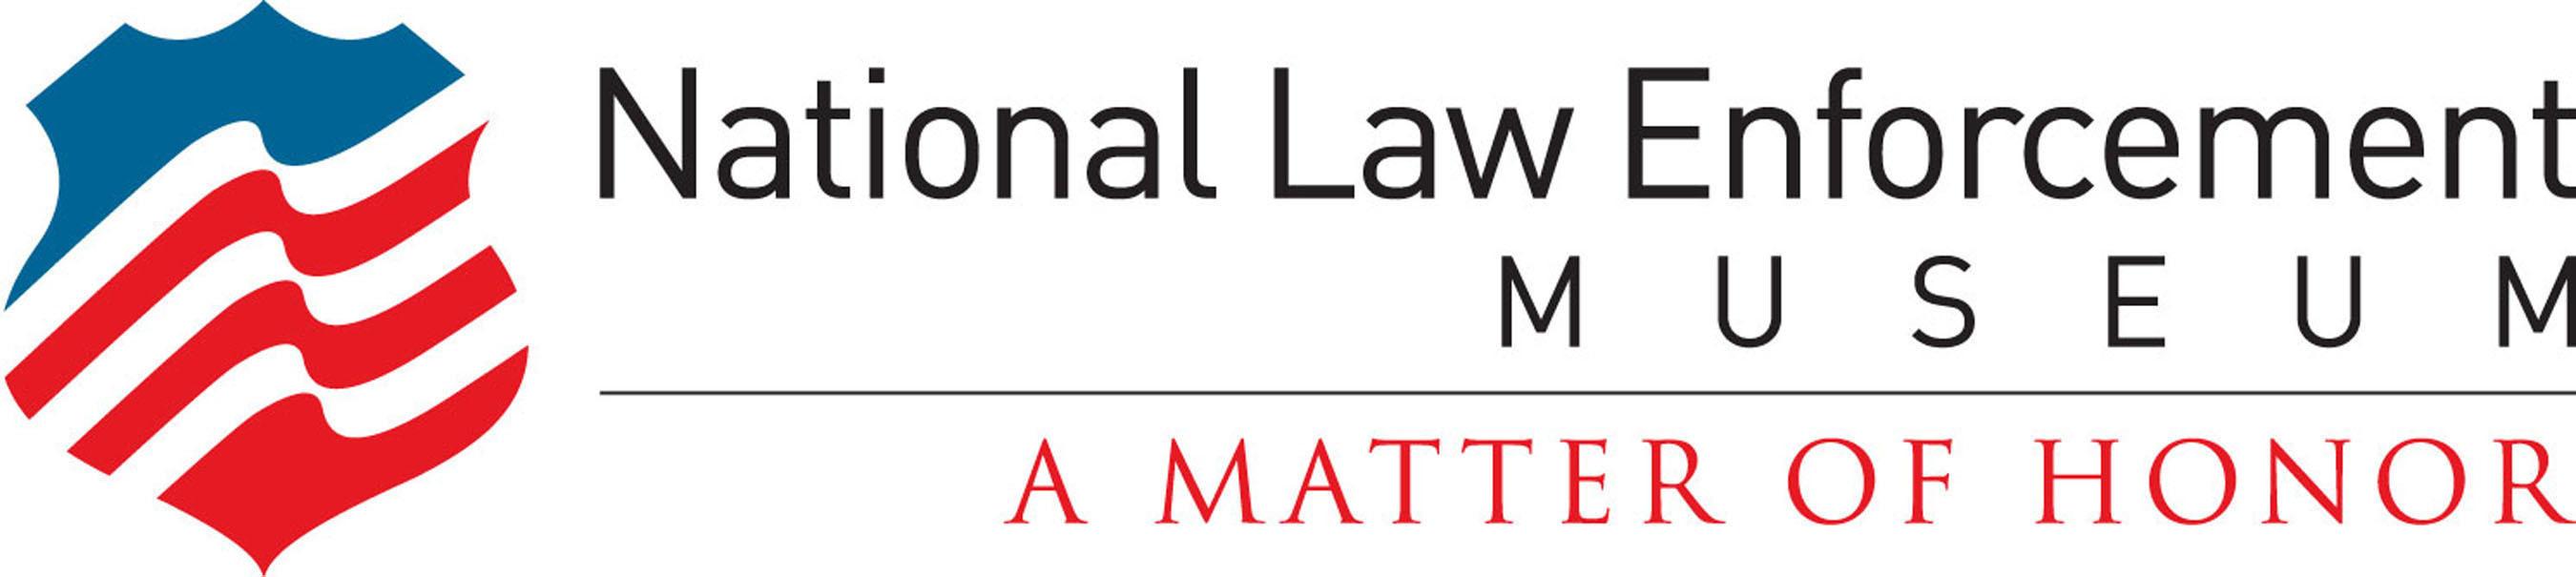 National Law Enforcement Museum logo.